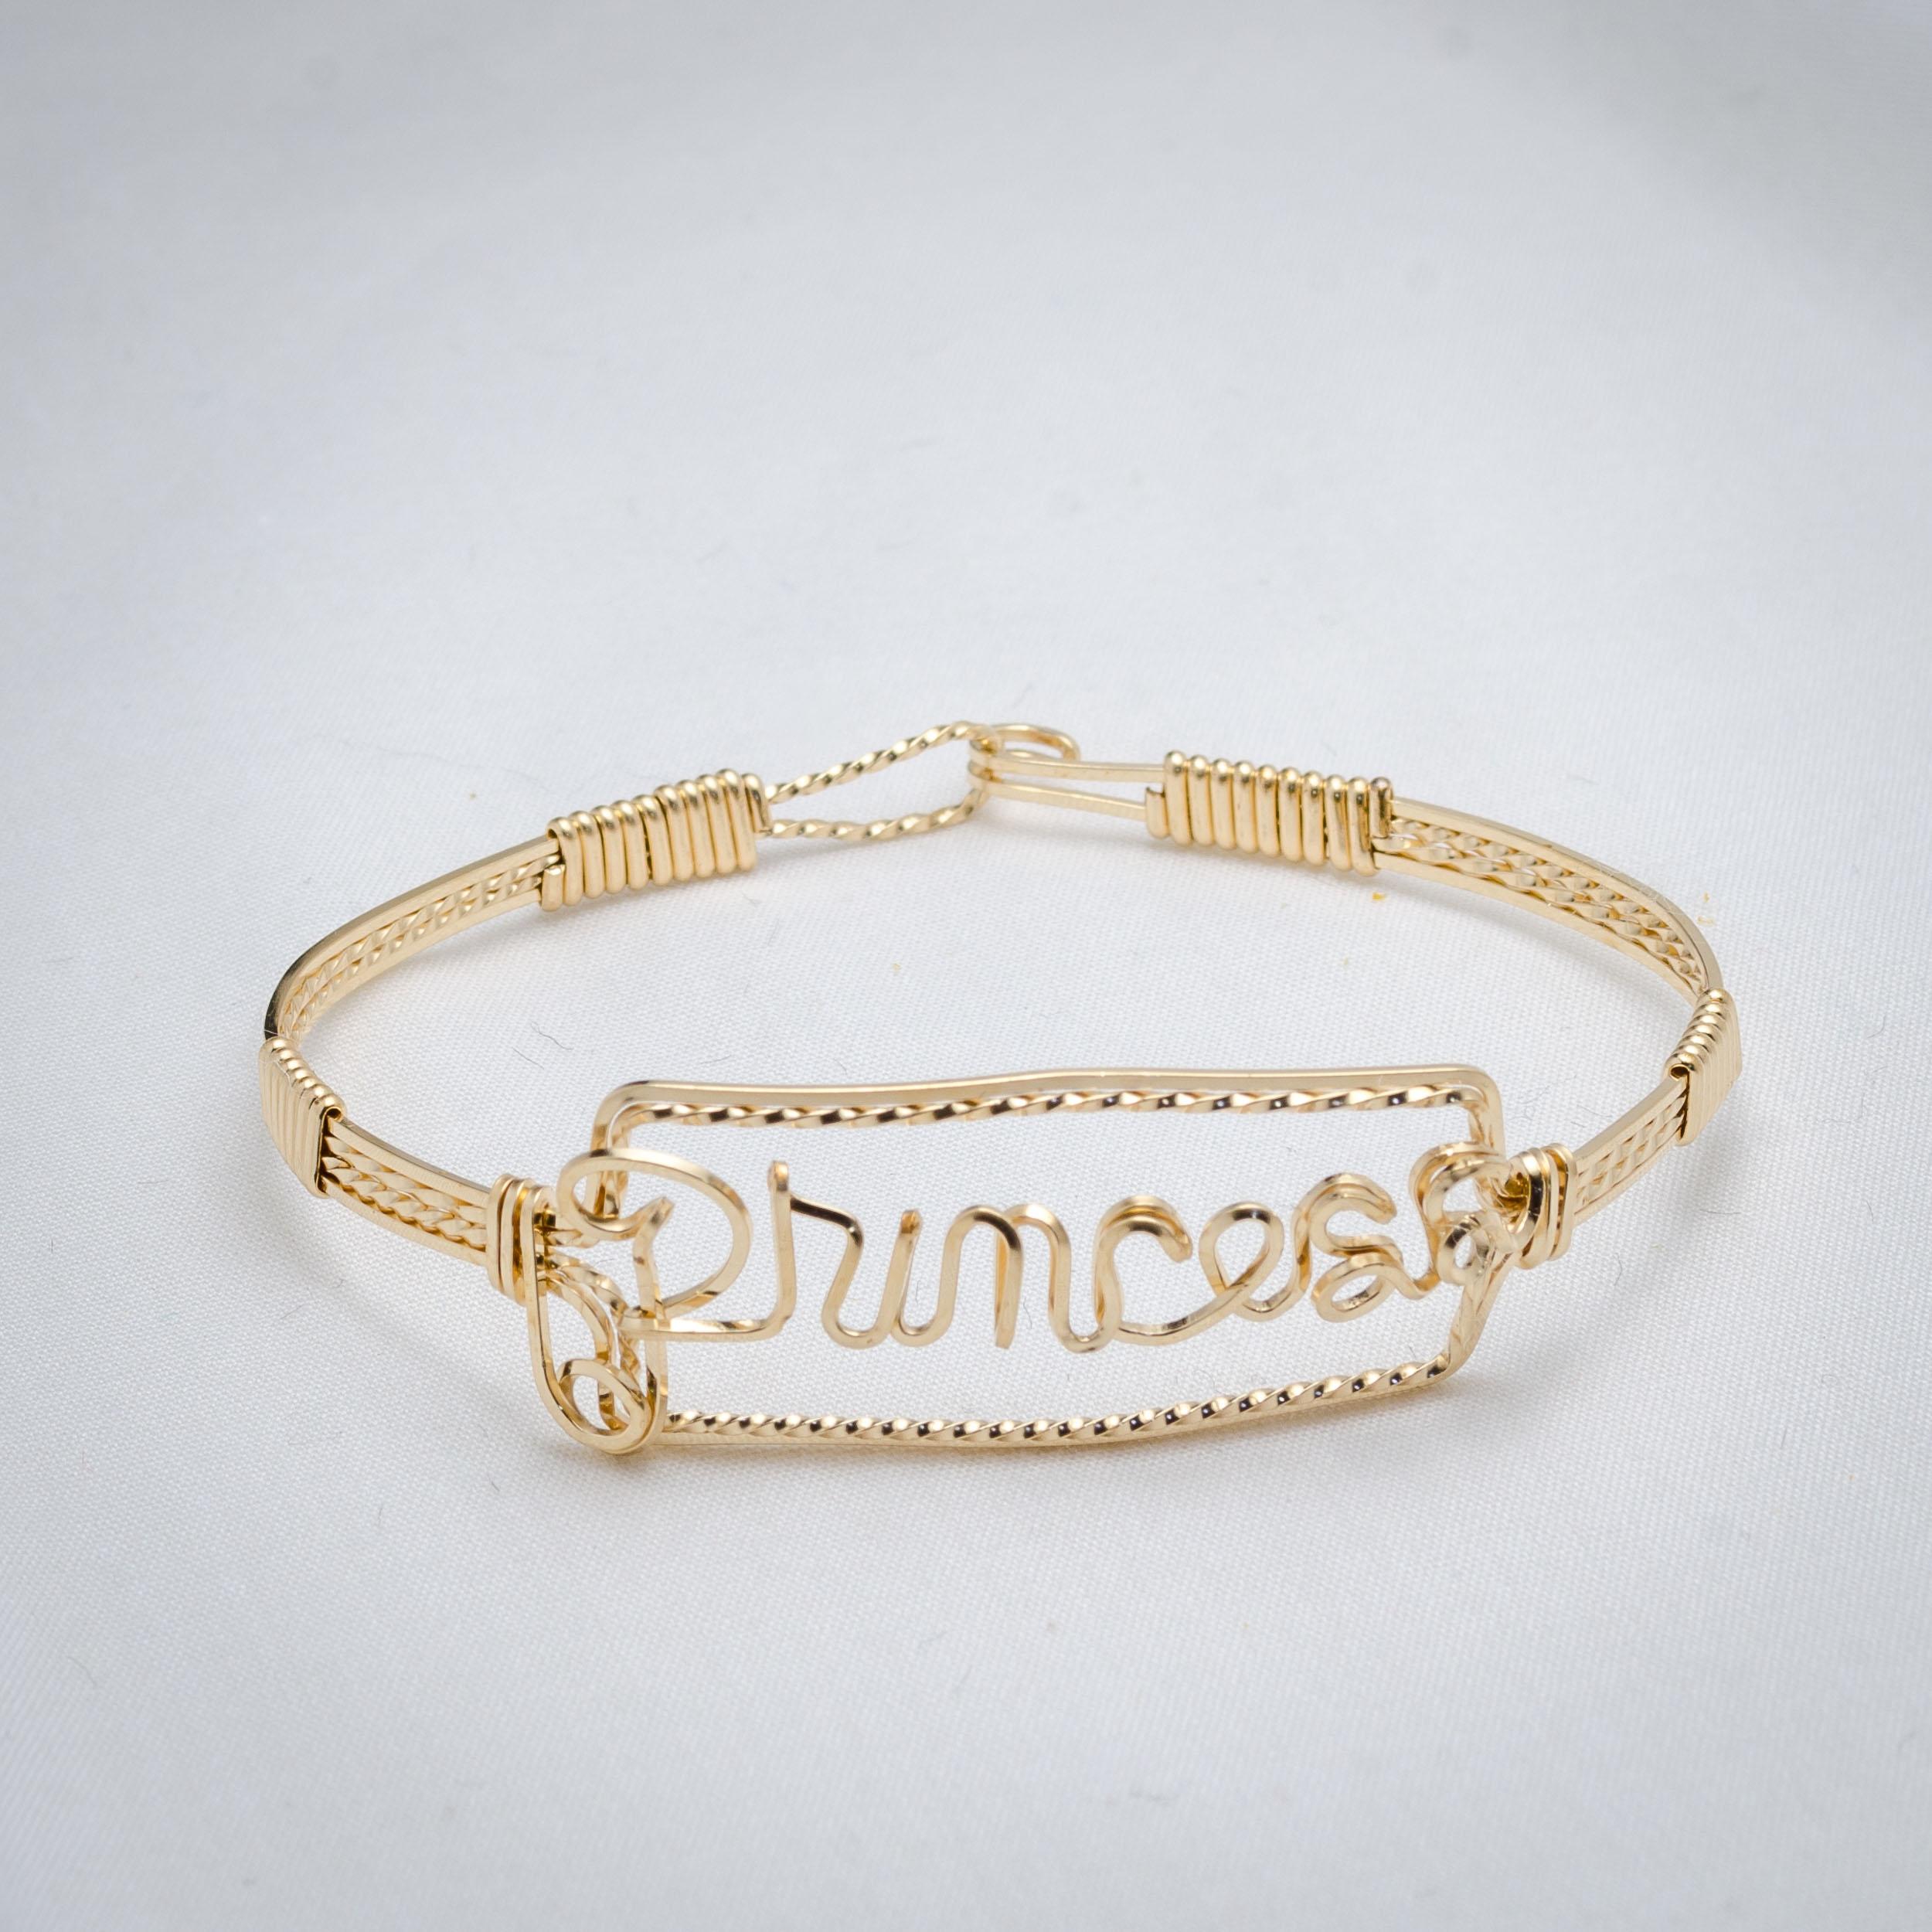 Bracelet_113.JPG